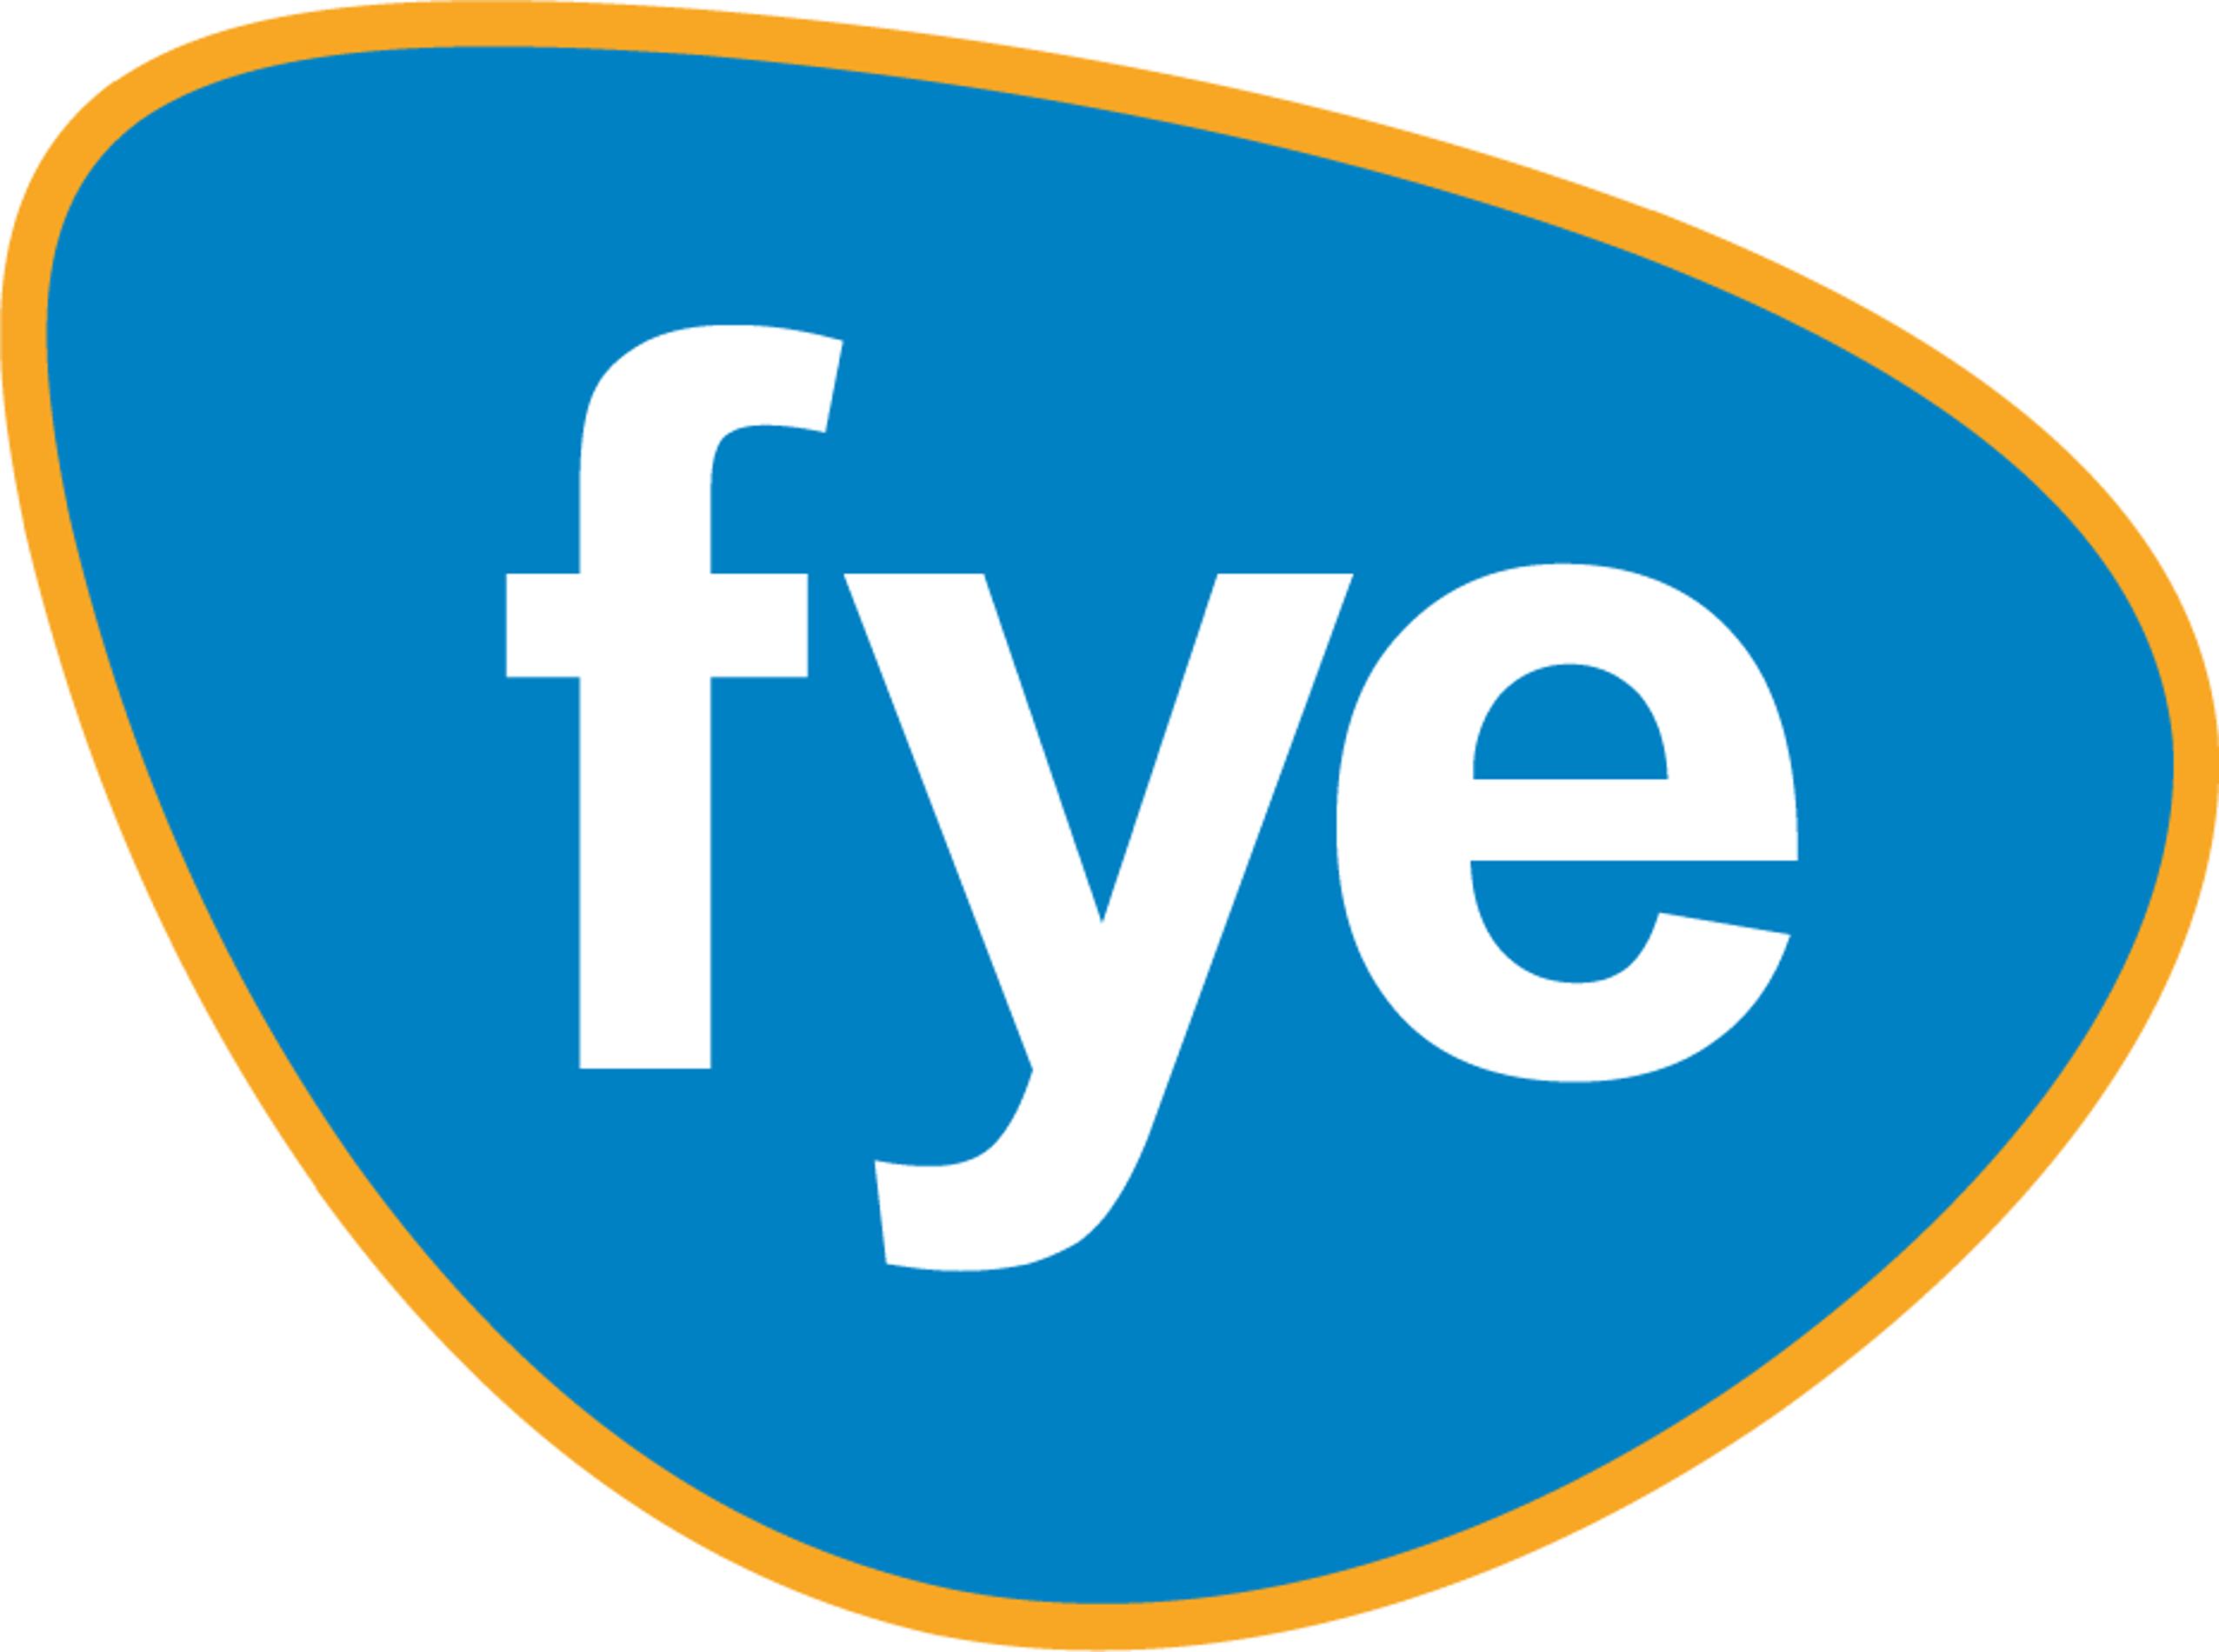 FYE (retailer)